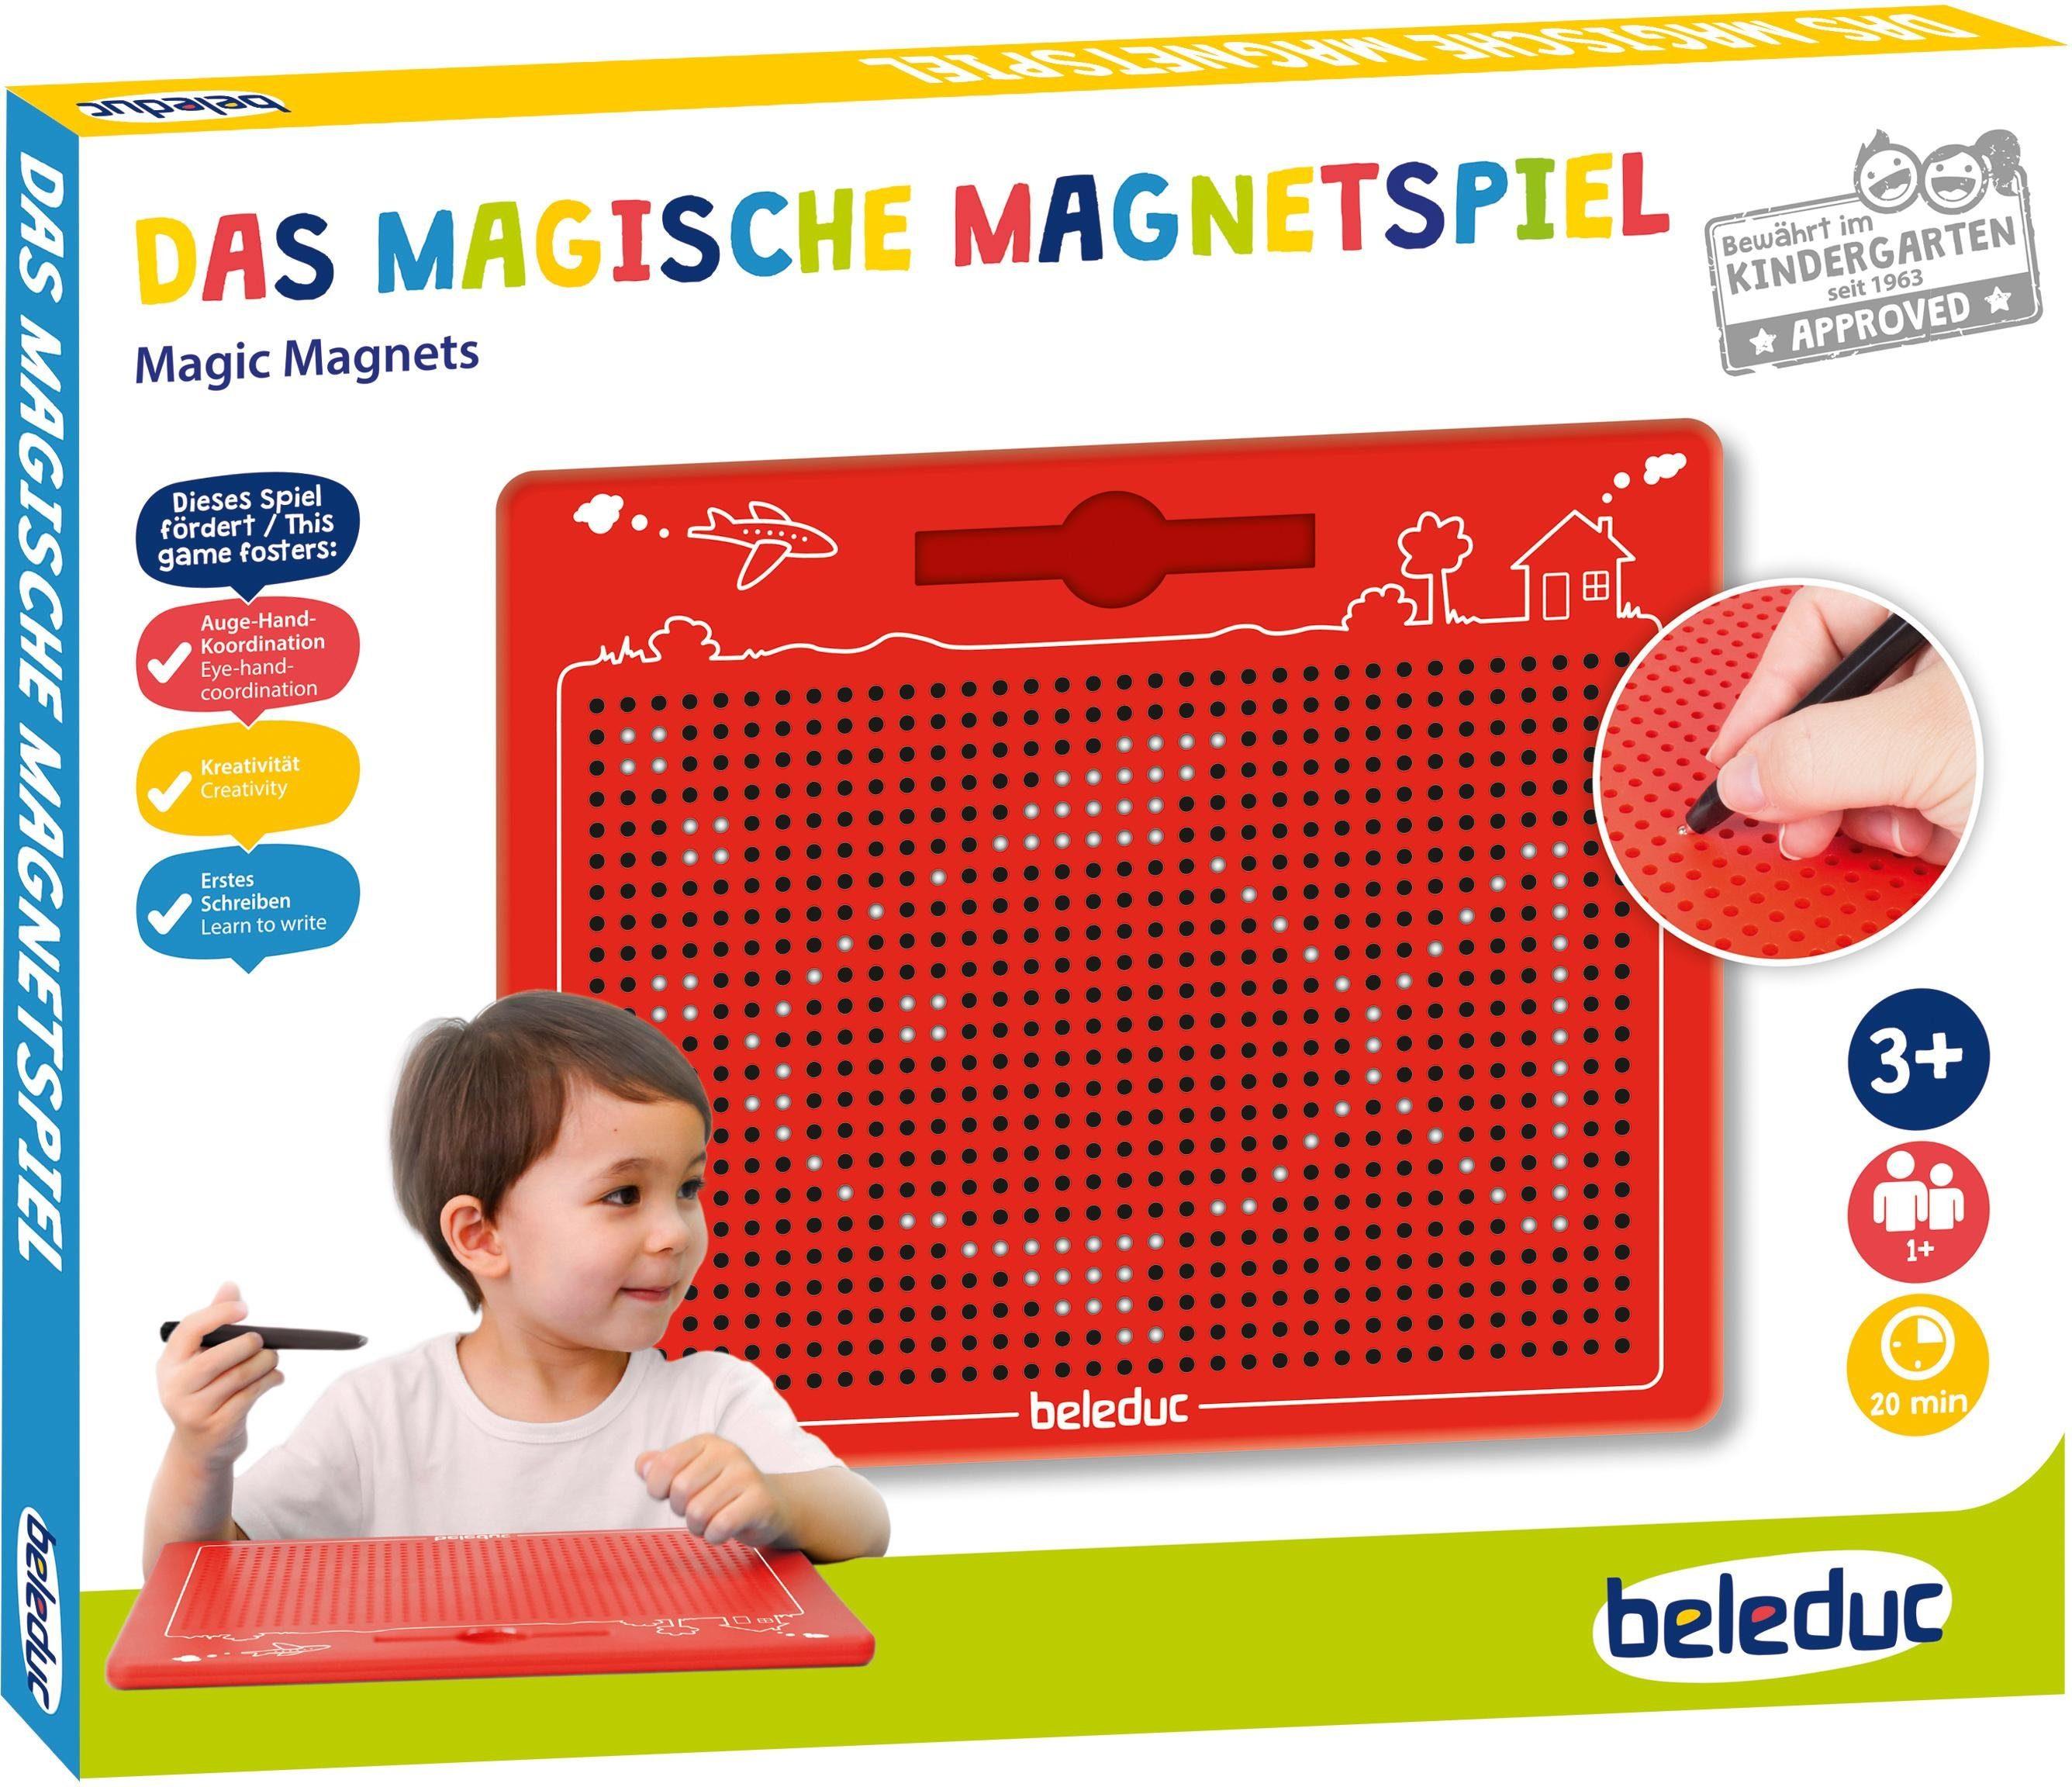 beleduc Magnettafel, »Das magische Magnetspiel«